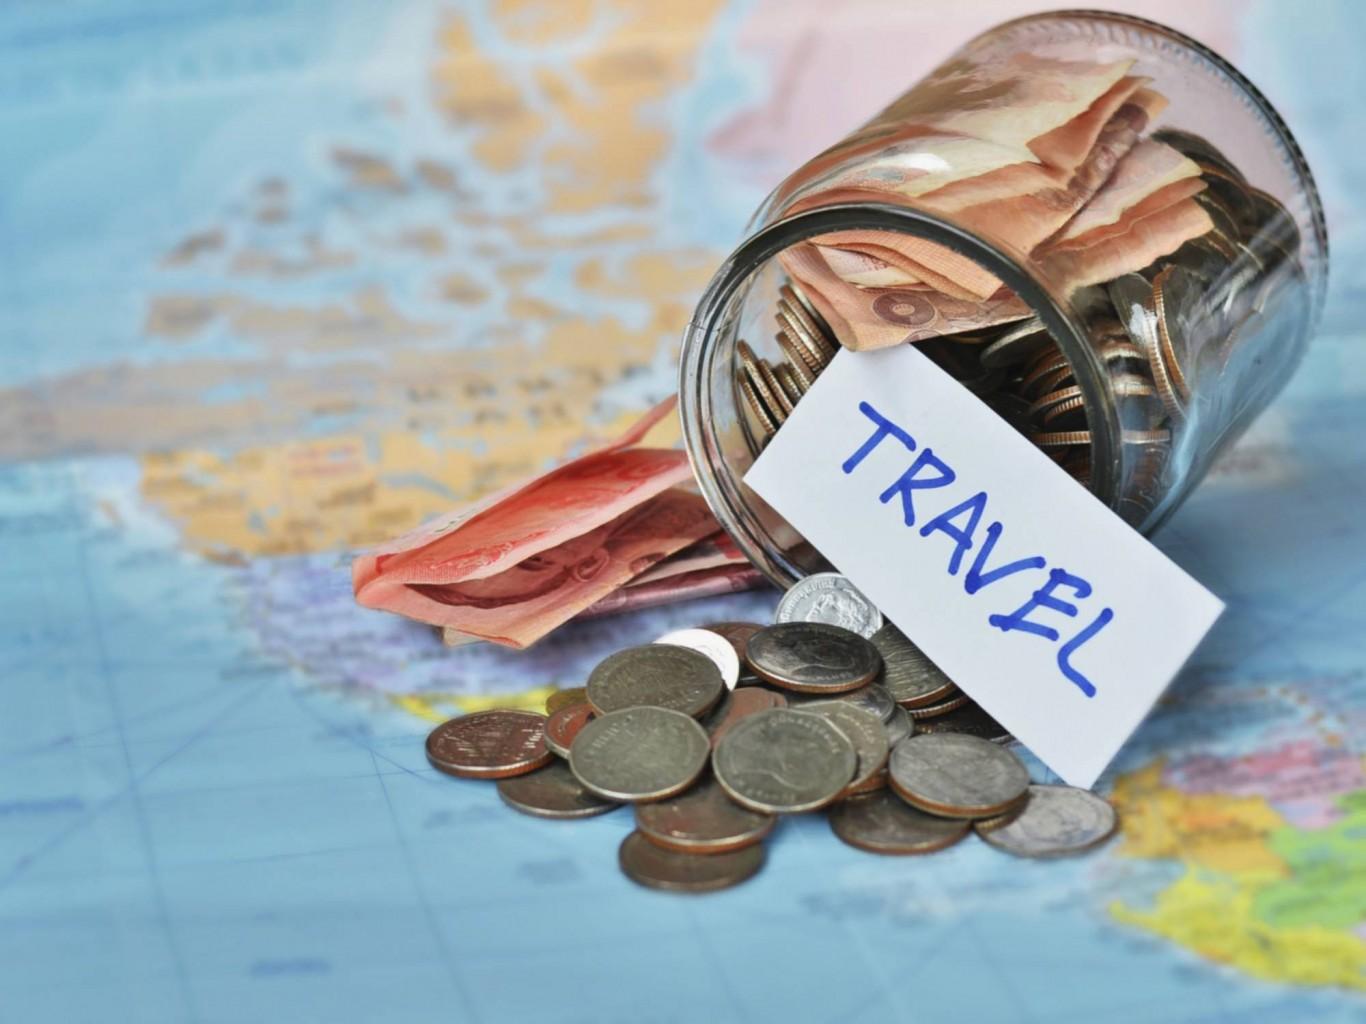 El Placer De Viajar al Alcance de su Bolsillo